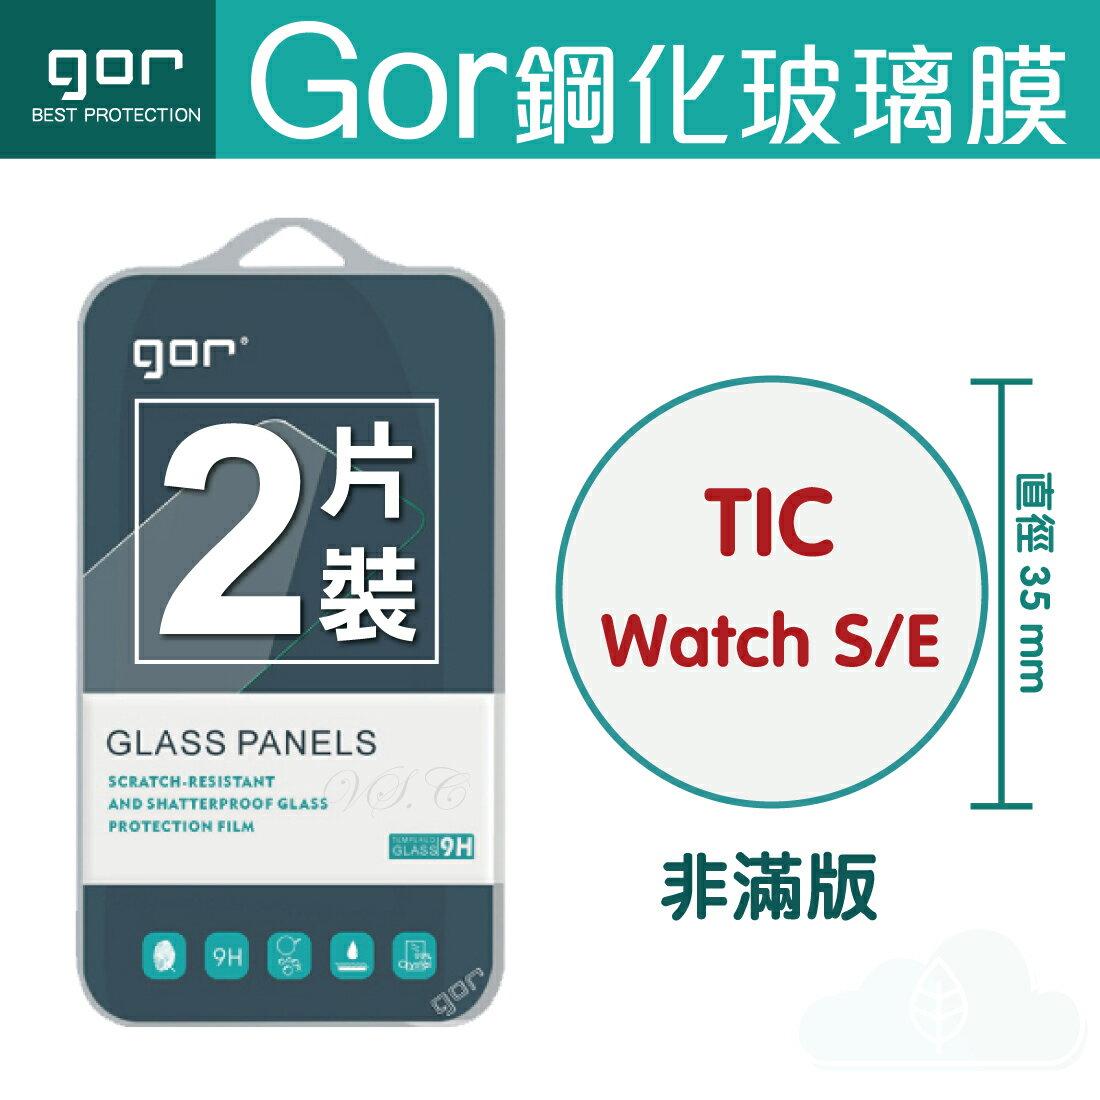 【TIC】GOR 9H TIC watch S/E Android Wear 智慧 手表 穿戴装置 钢化 玻璃 保护贴 全透明非满版 两片装【全馆满299免运费】